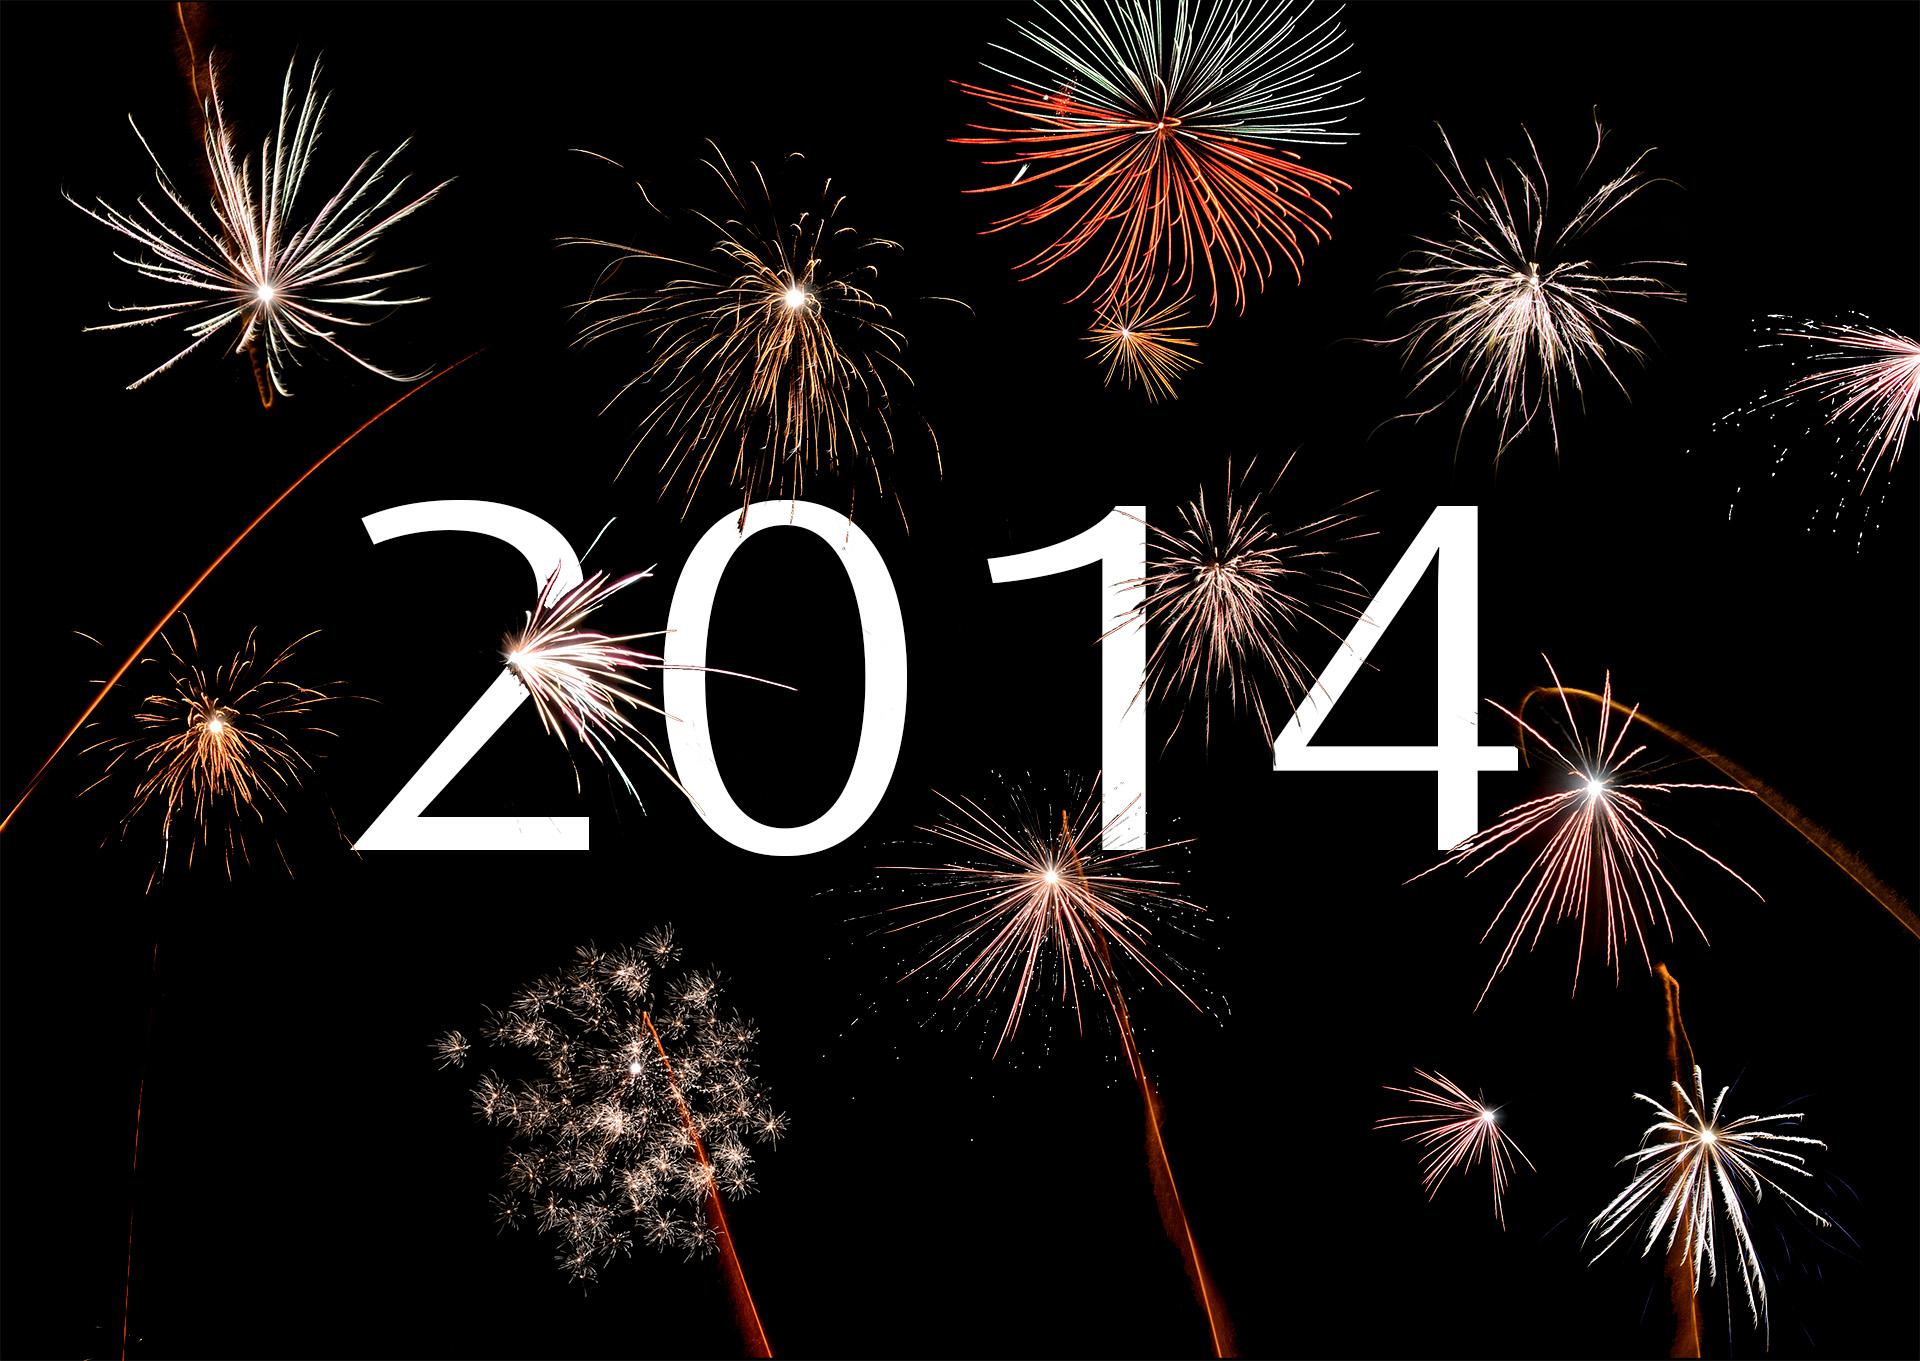 Guten Rutsch und frohes neues Jahr - Theos weblog, bilder & co